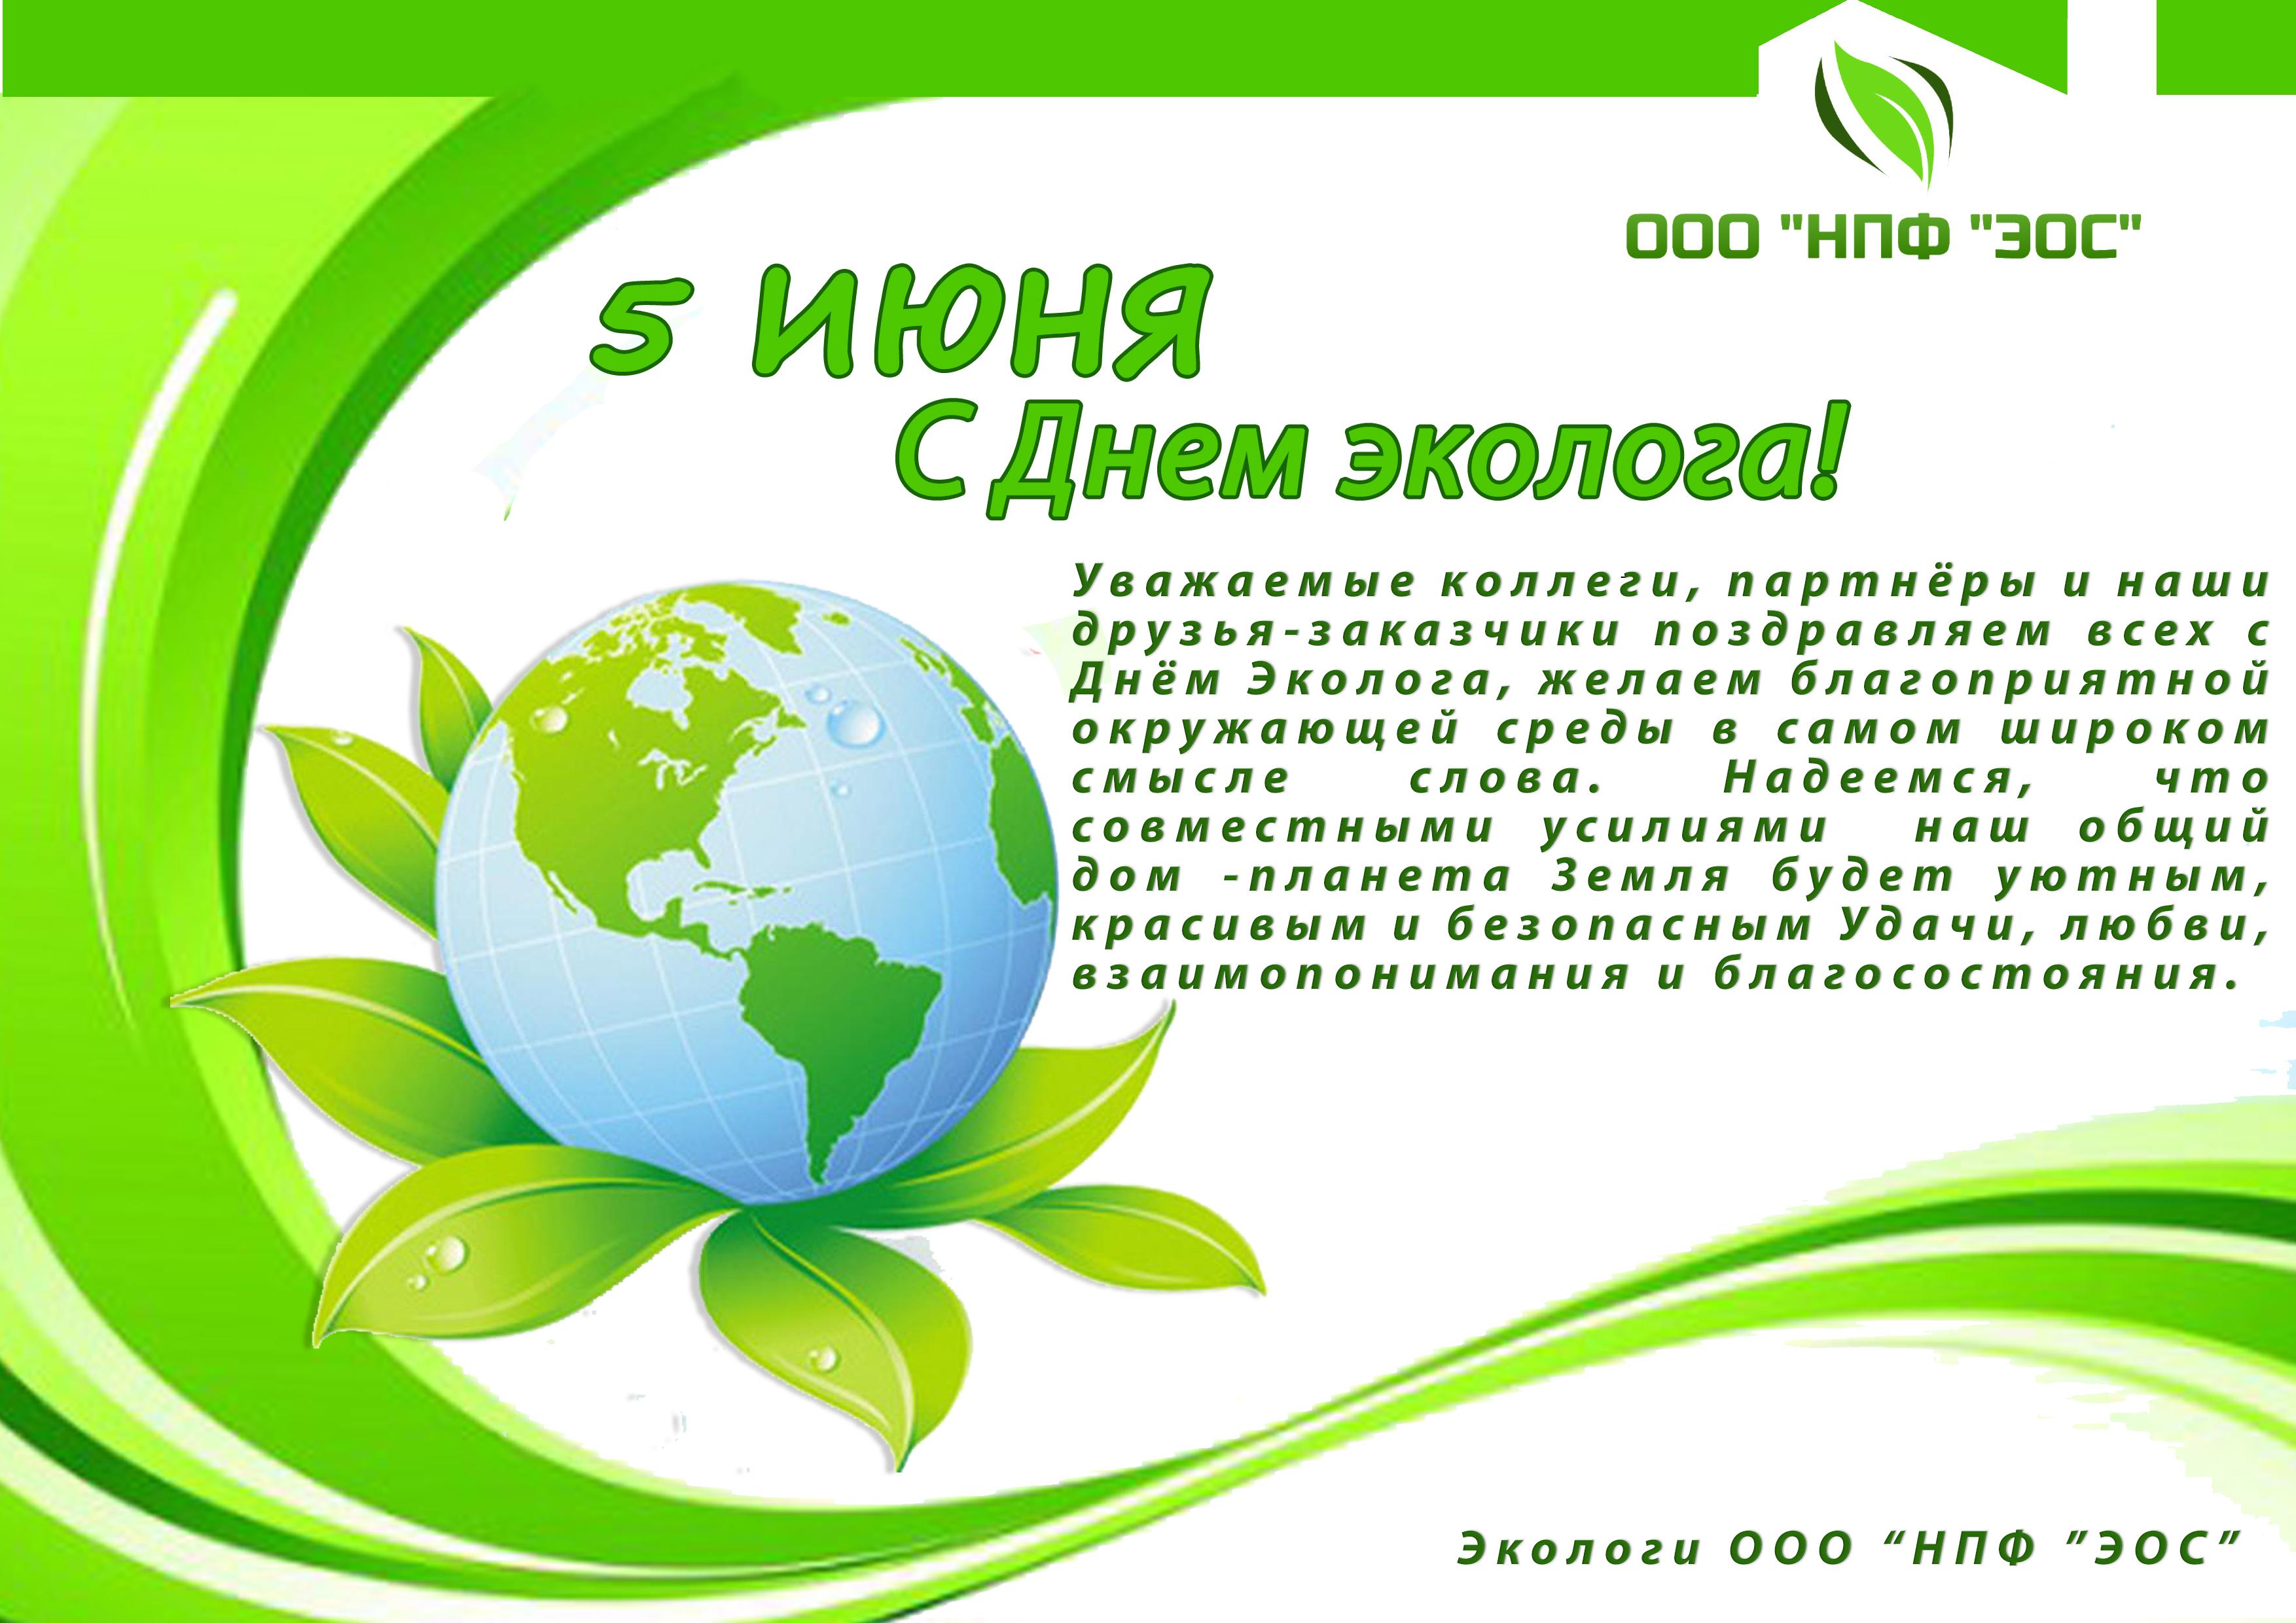 Поздравления с днем эколога - Поздравок